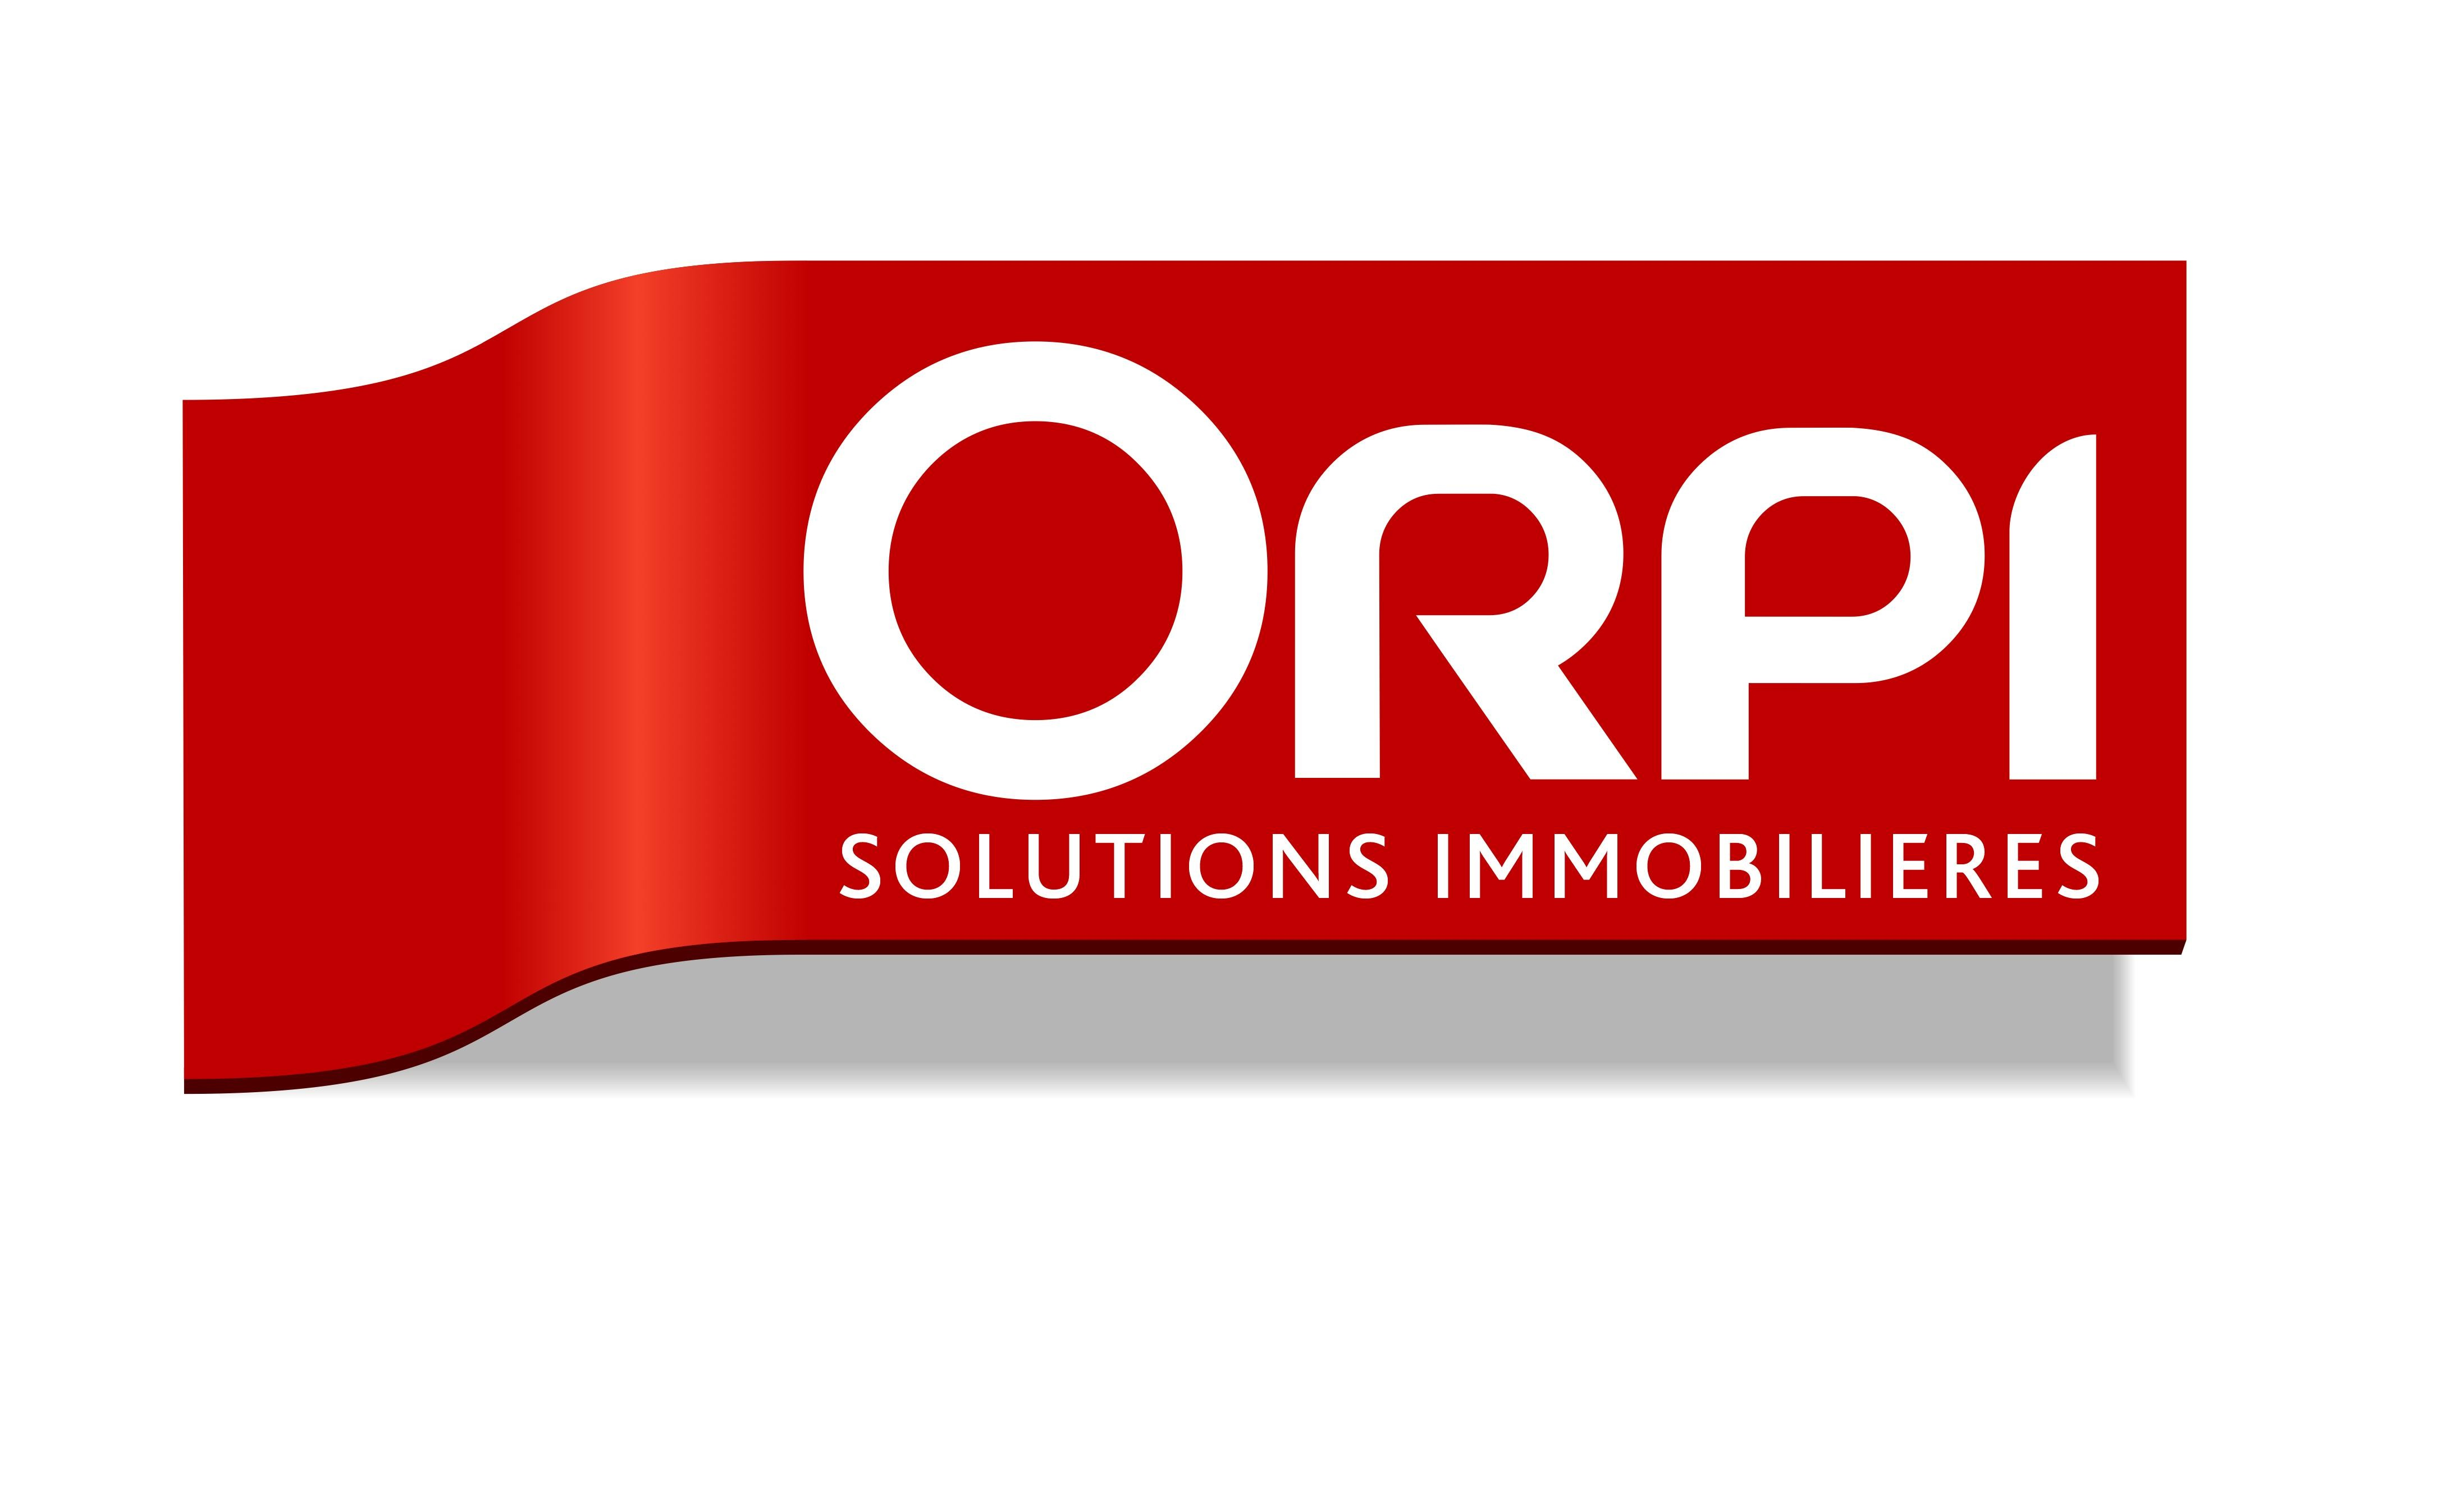 télécharger image logo orpi